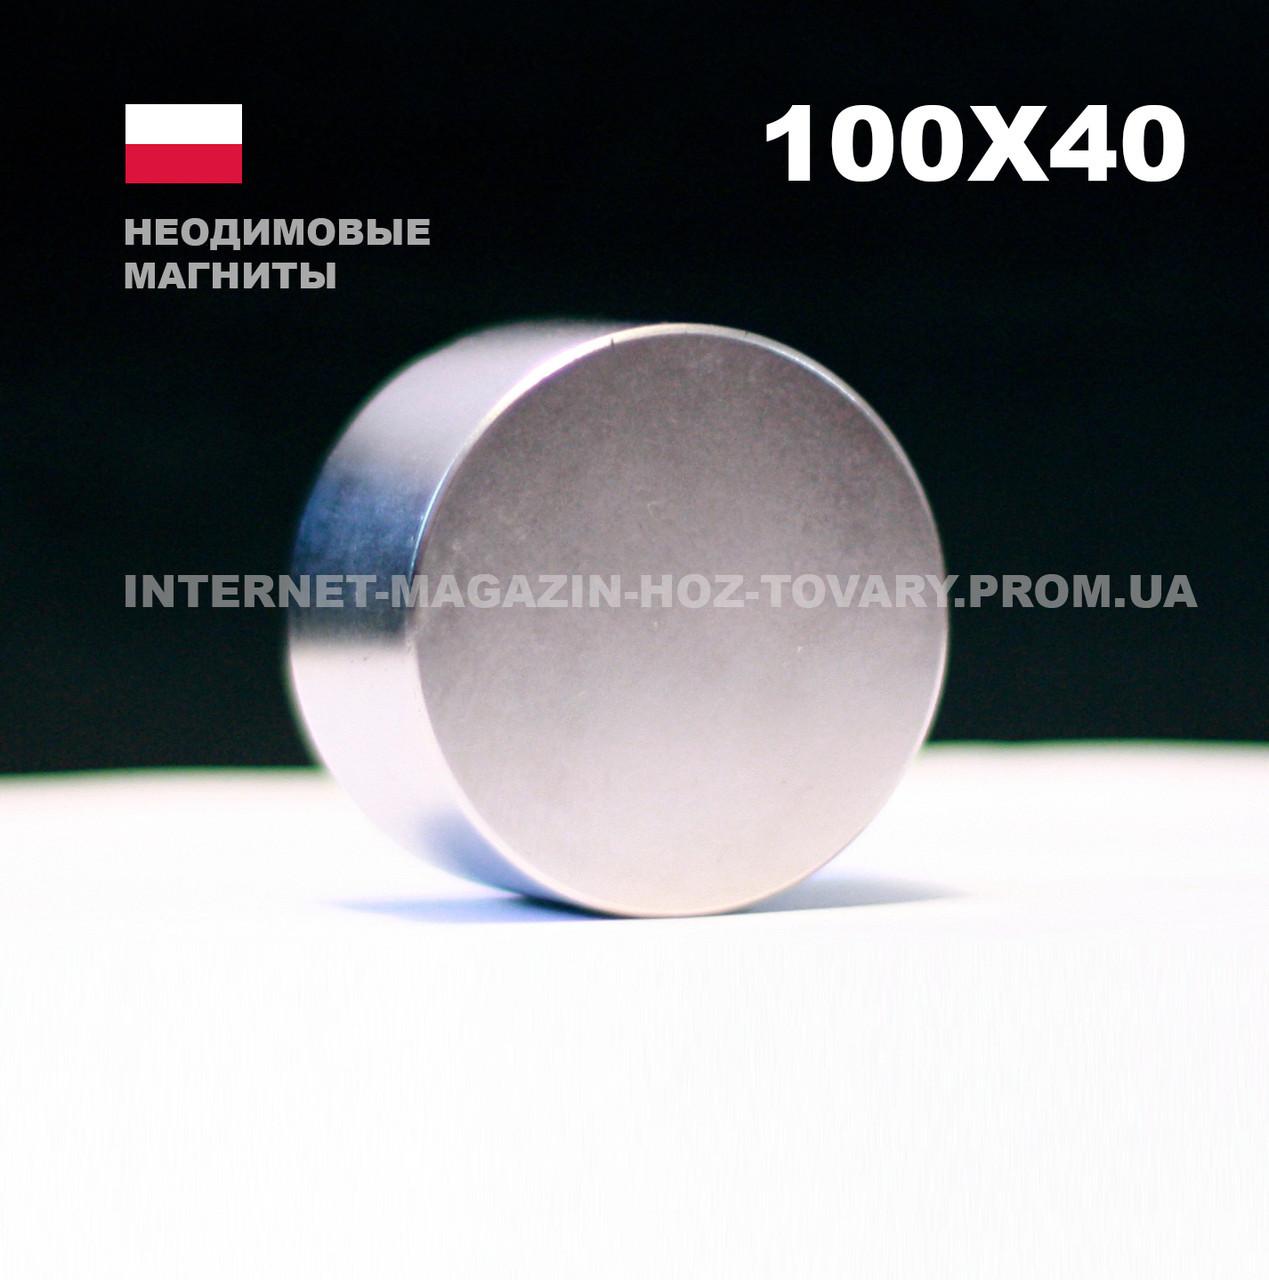 Неодимовый магнит купить 100 40